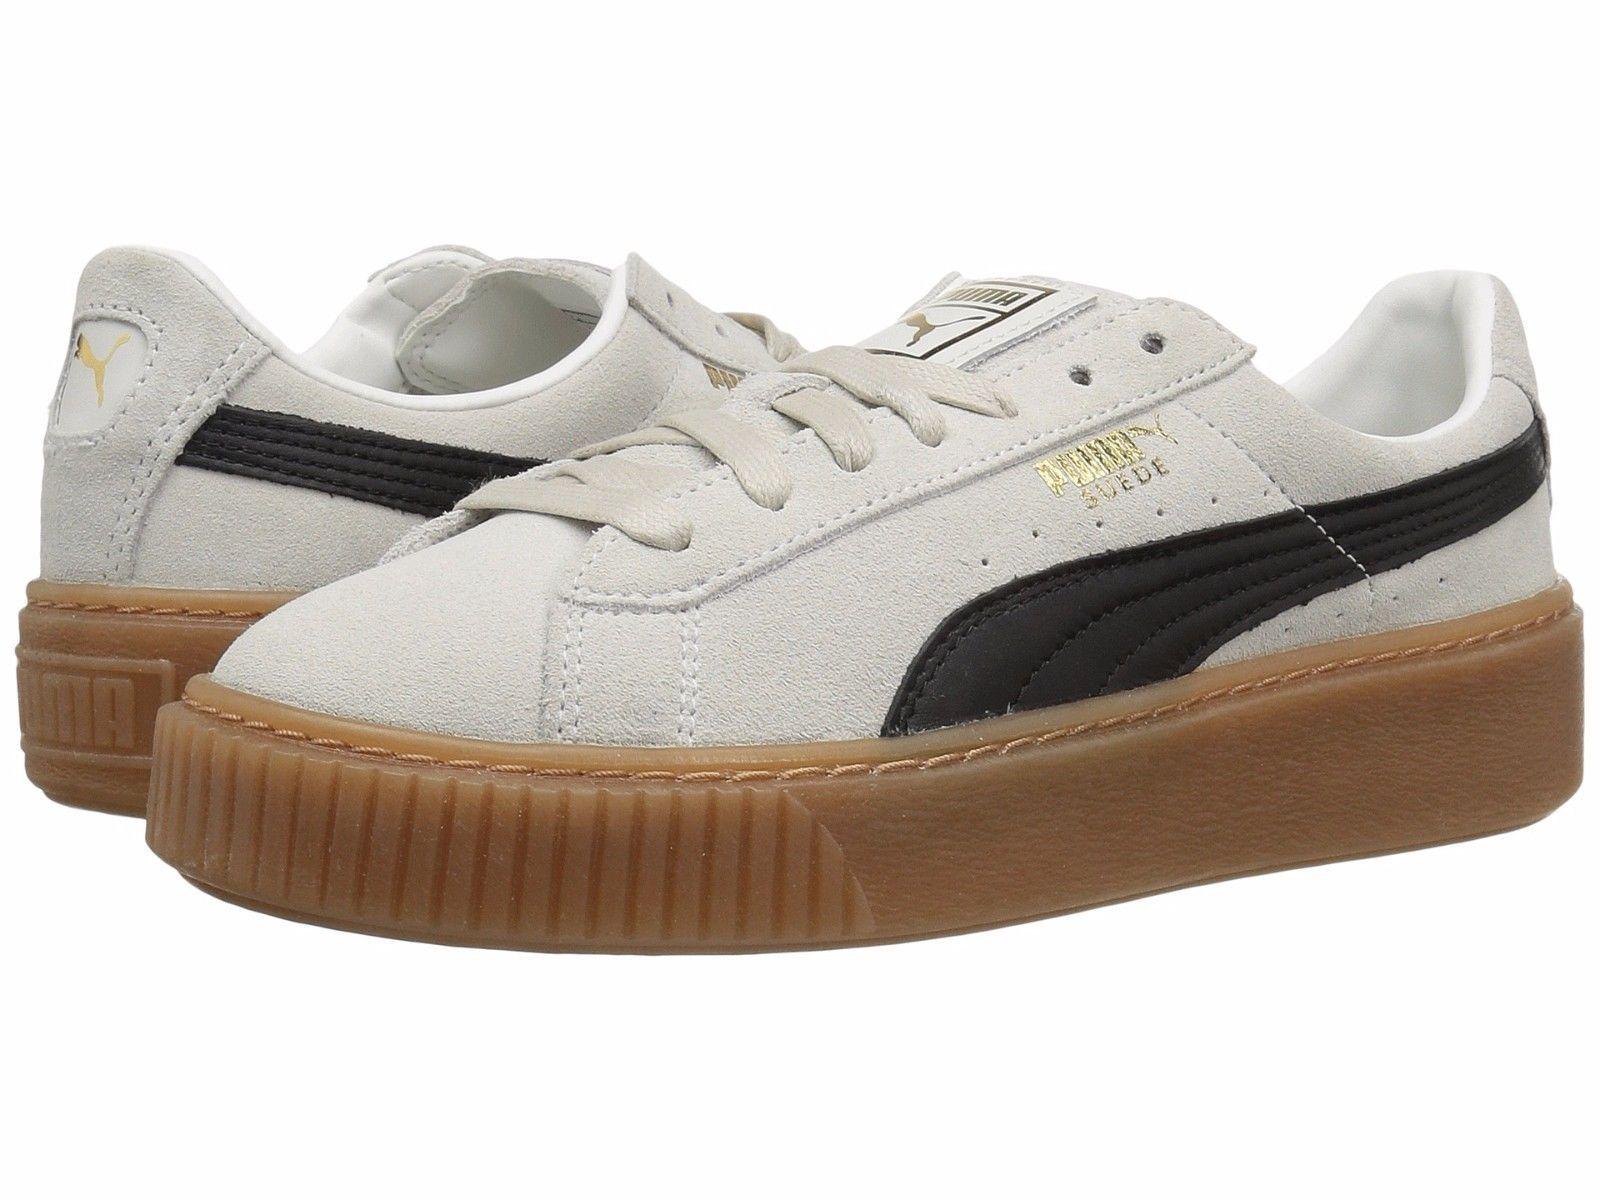 Buy Cheap Puma Suede Platform Core Sneakers Women |